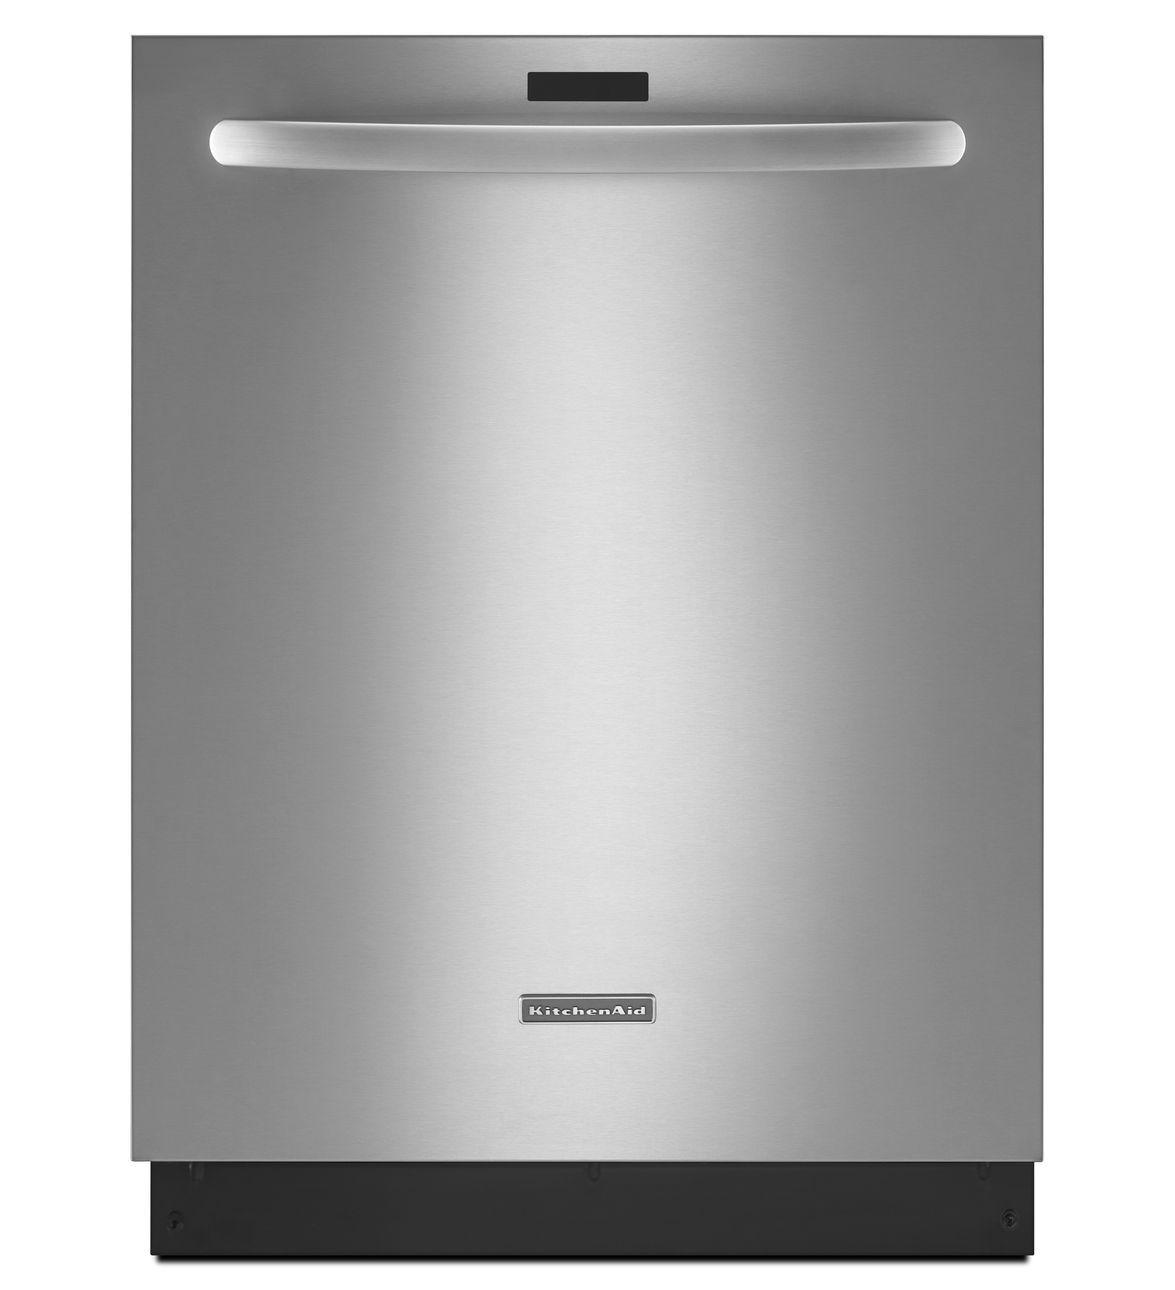 Lave-vaisselle Architect® Série II KitchenAid® 24 po, 6 Programmes/7 Options